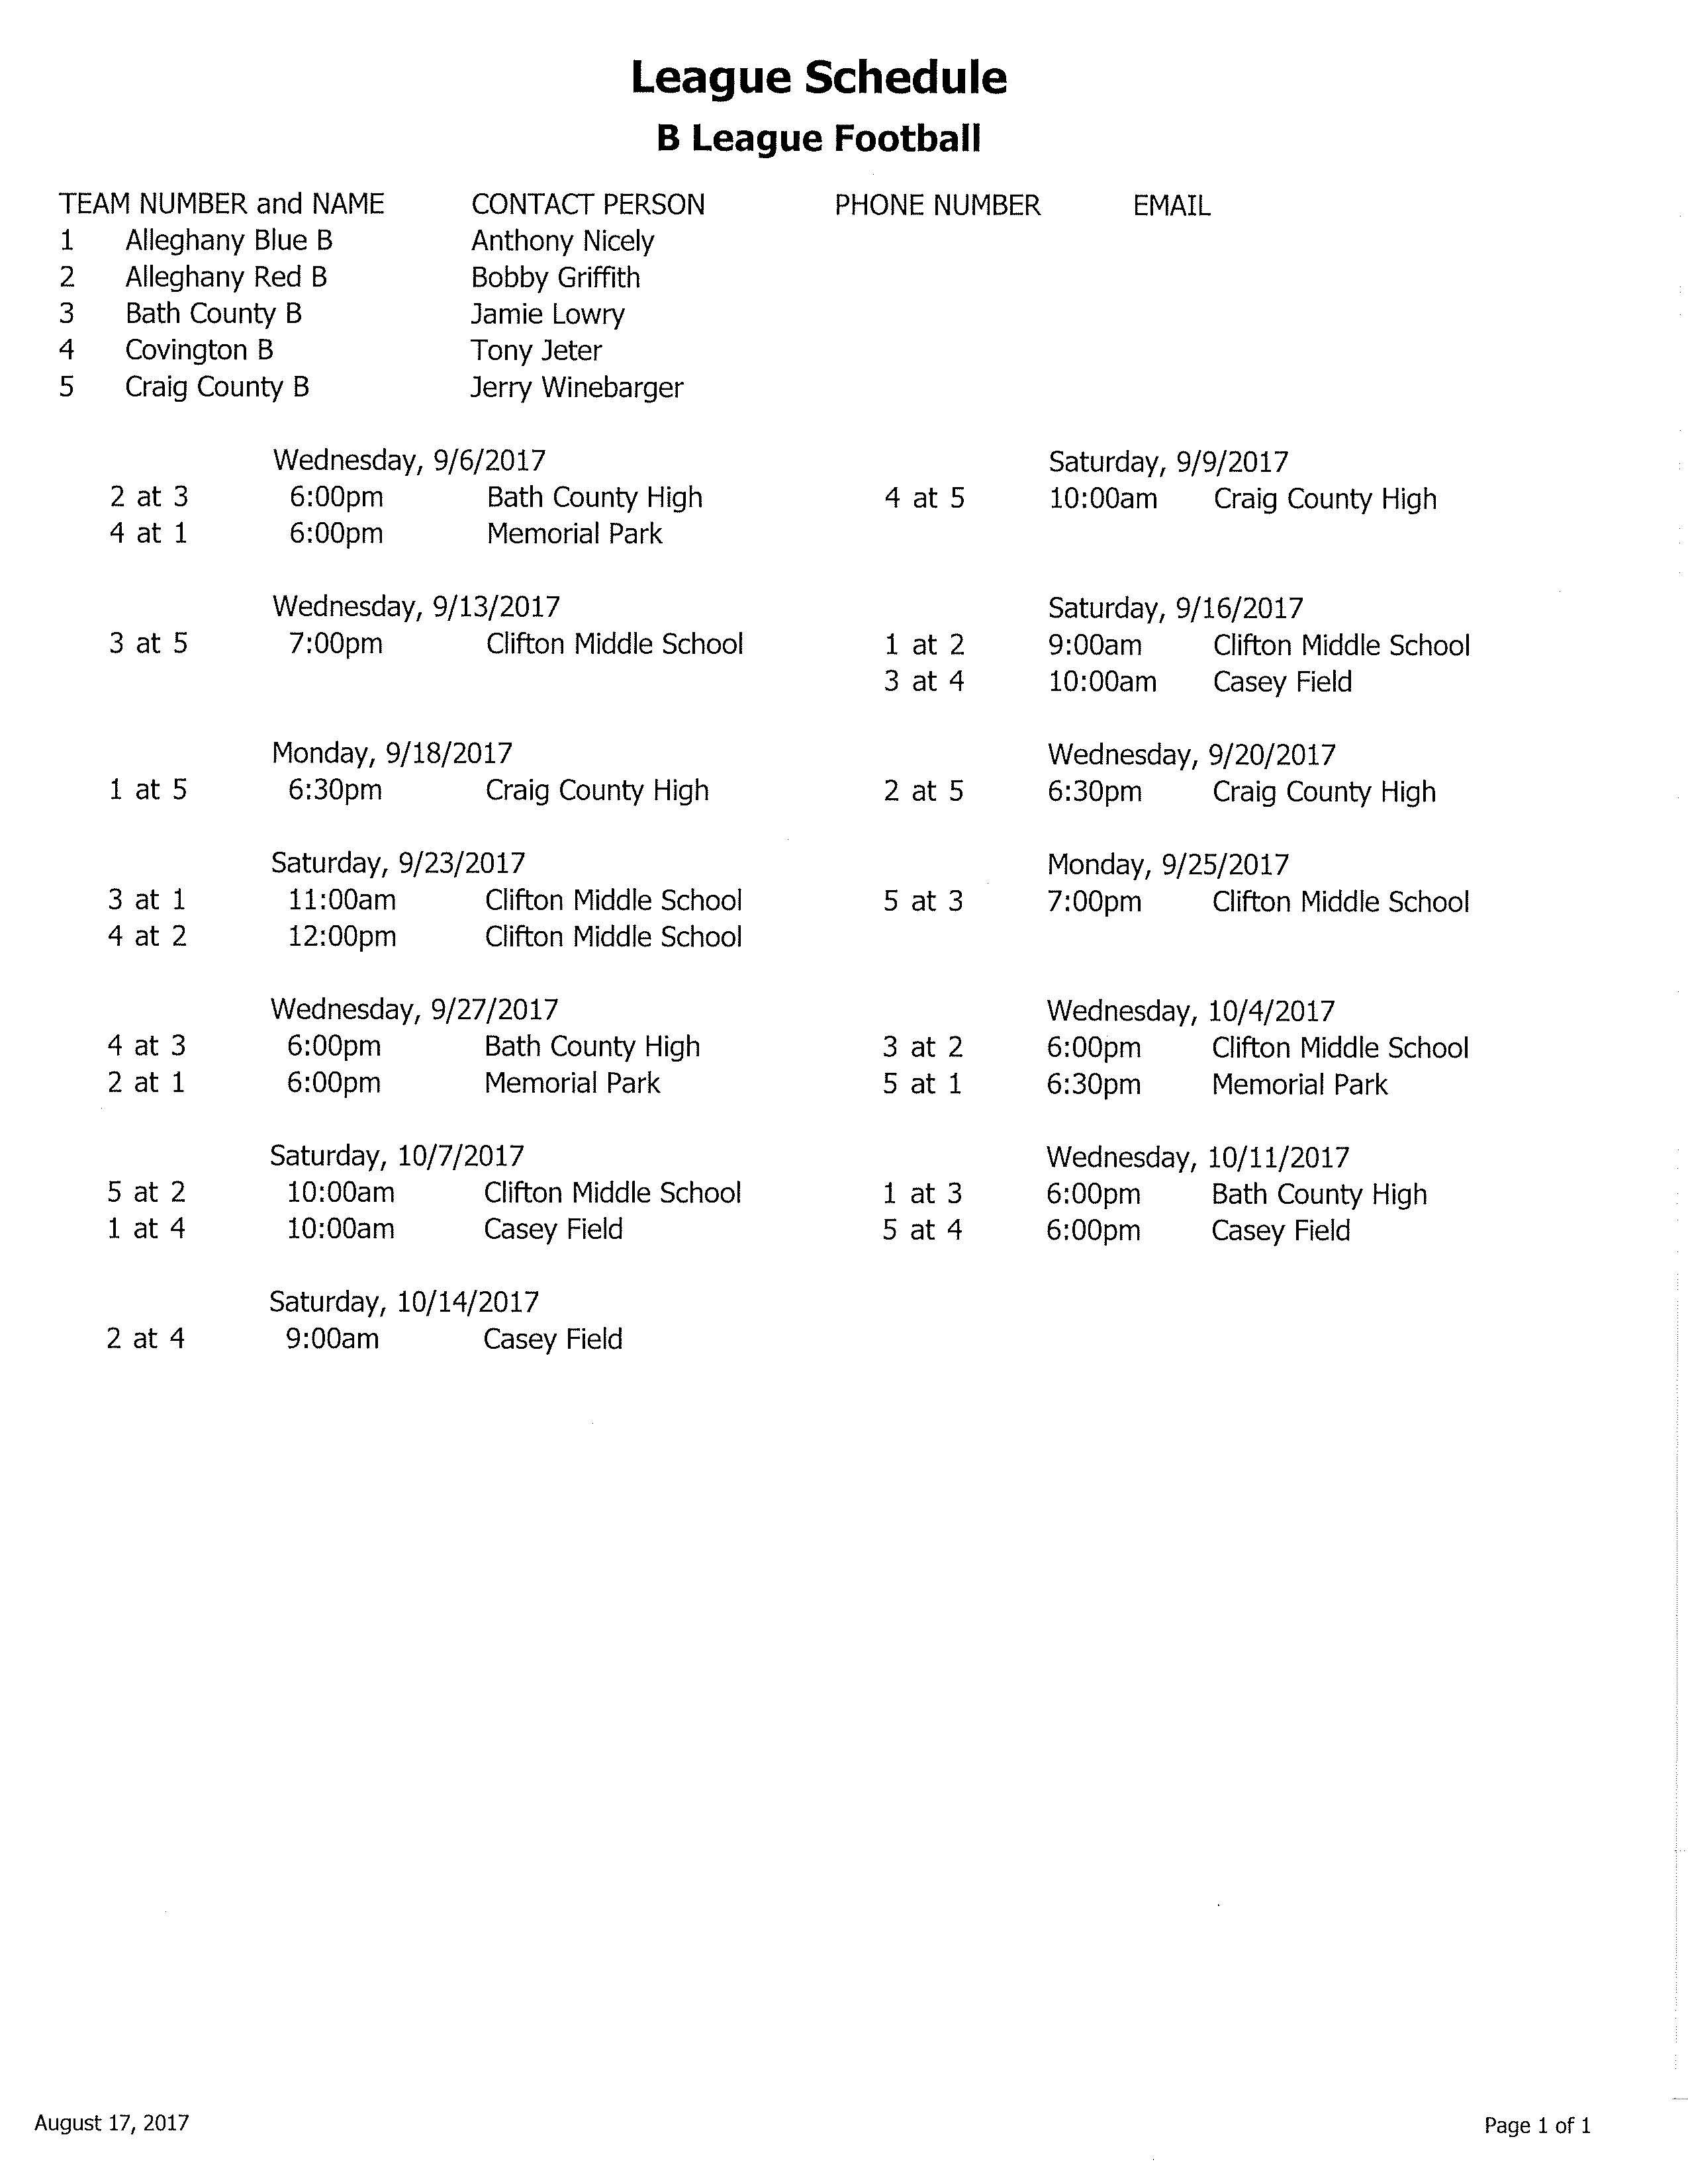 2017 B League Football Schedule